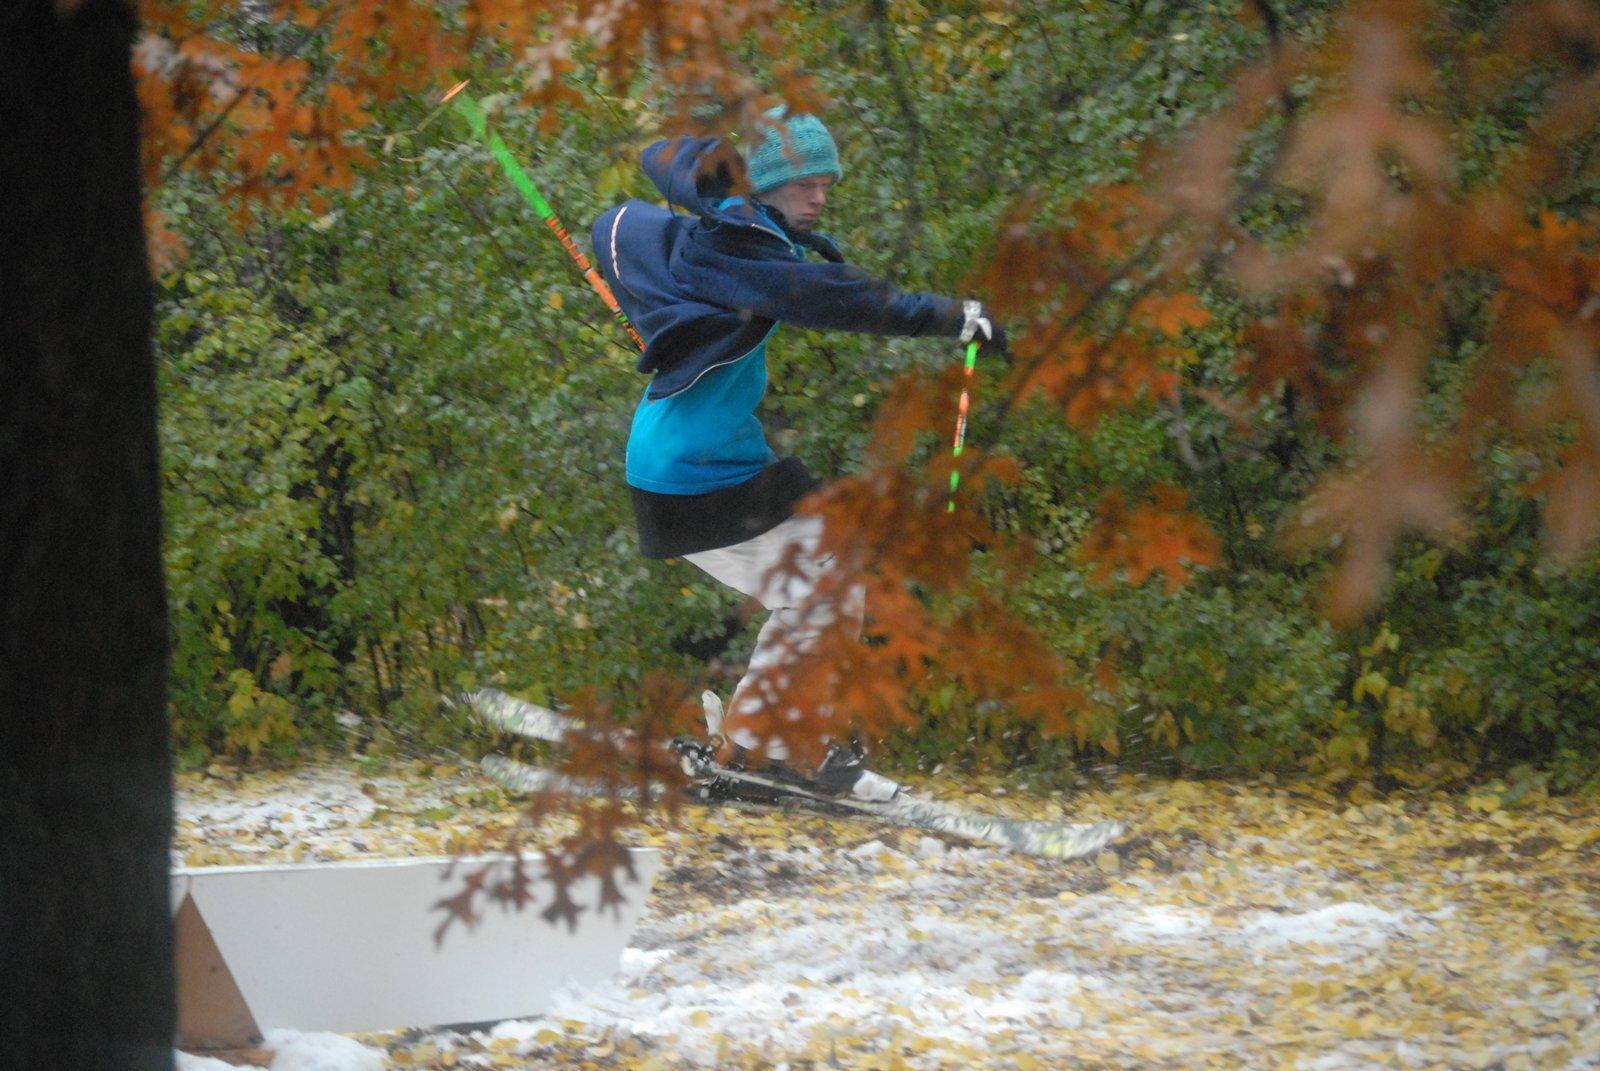 Fall skiing in Blake;s yard